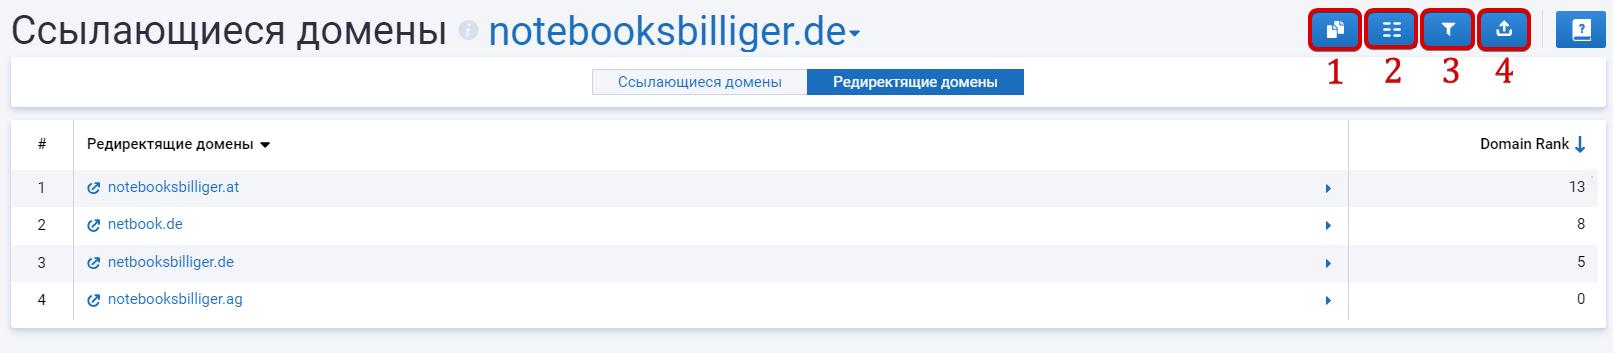 Ссылающиеся домены 16261788662110